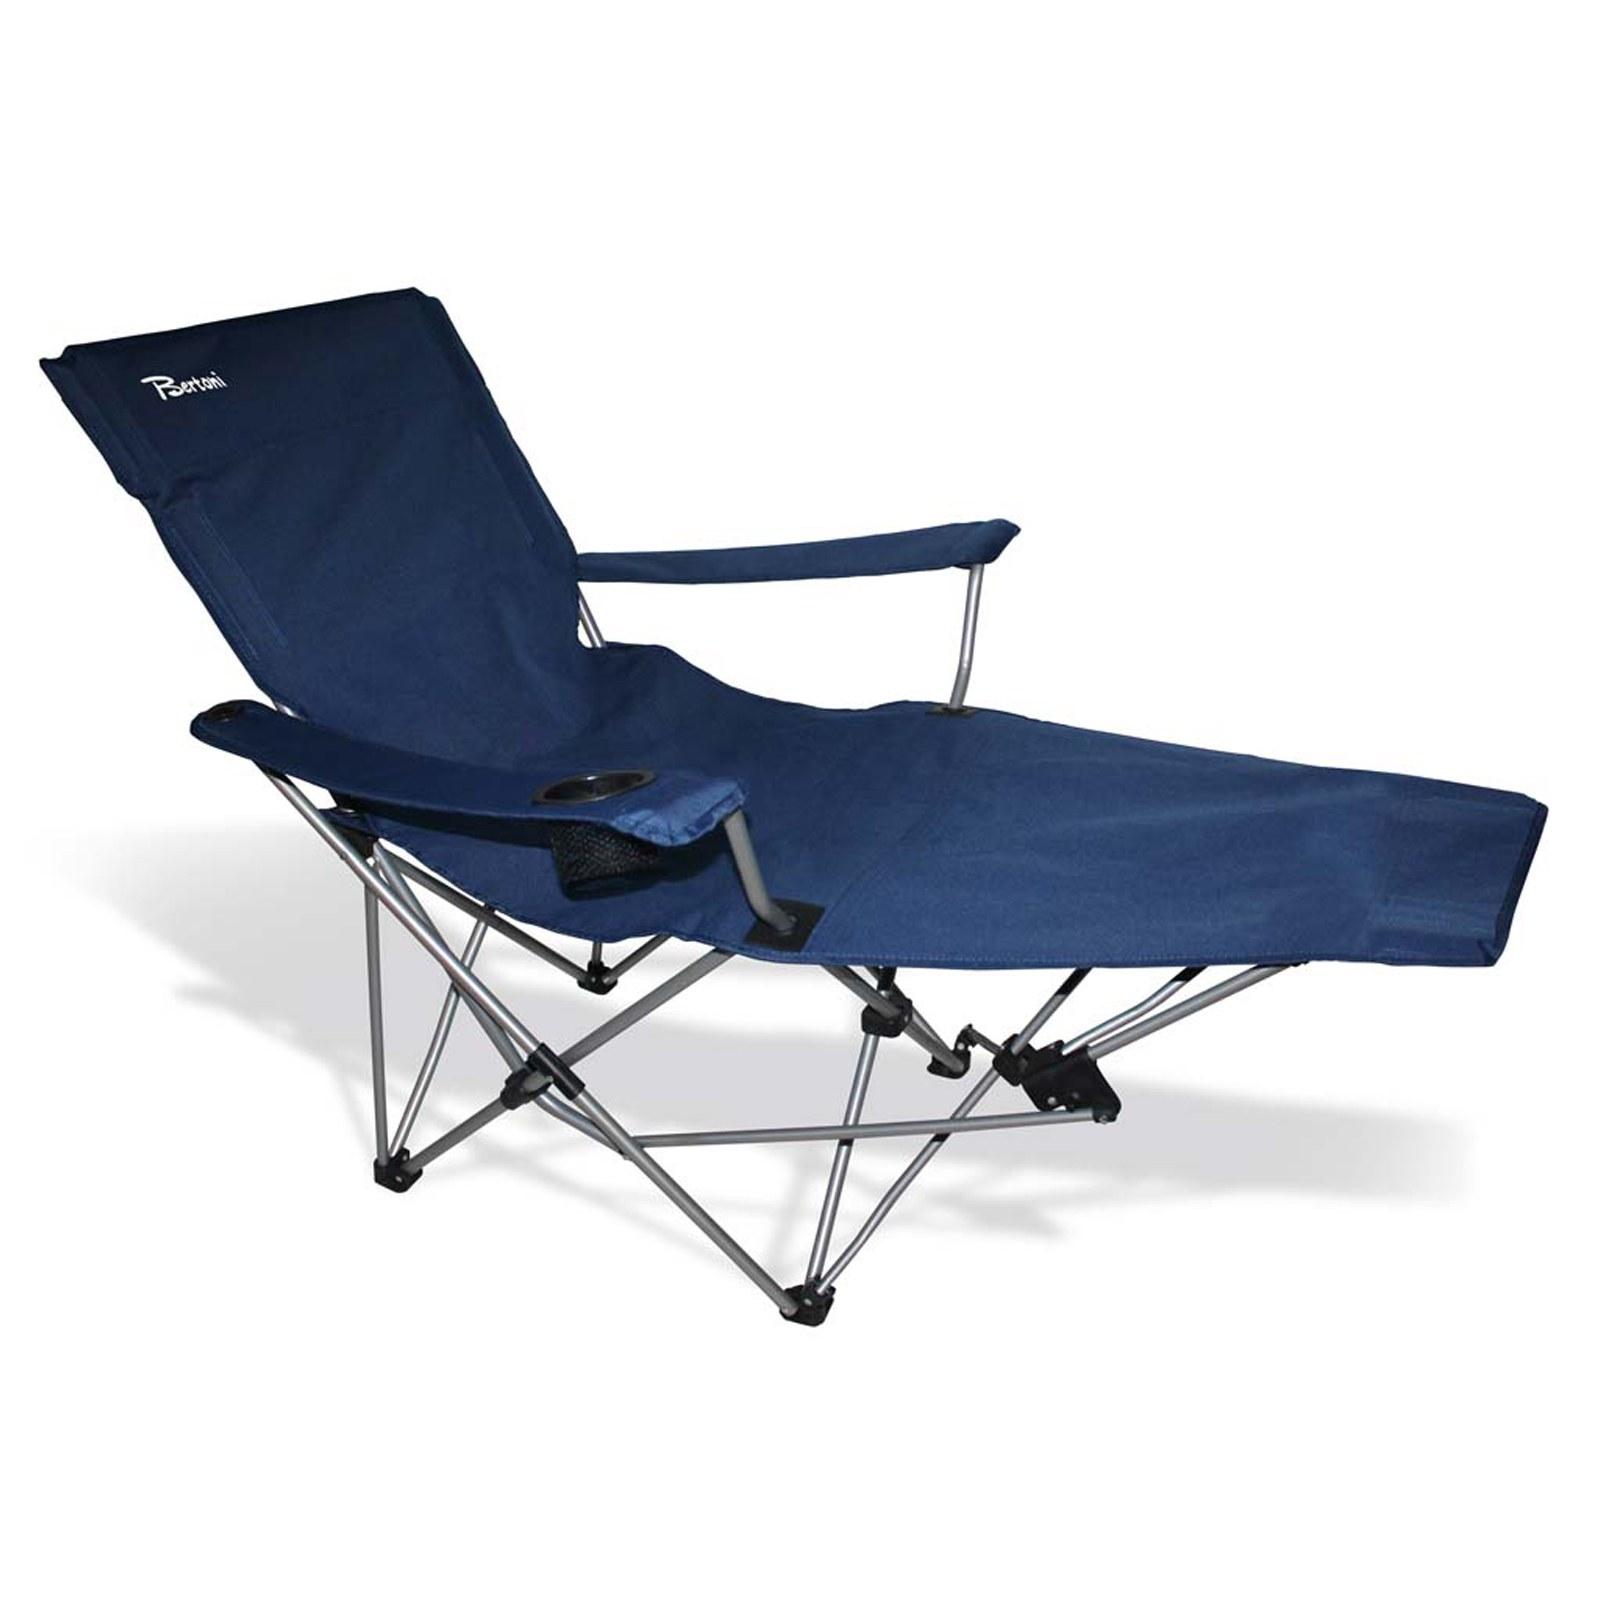 DRP Sedia sdraio Lettino Piscina Pieghevole Per spiaggia Blu Relax Ombrello Berto LGP ONLINE